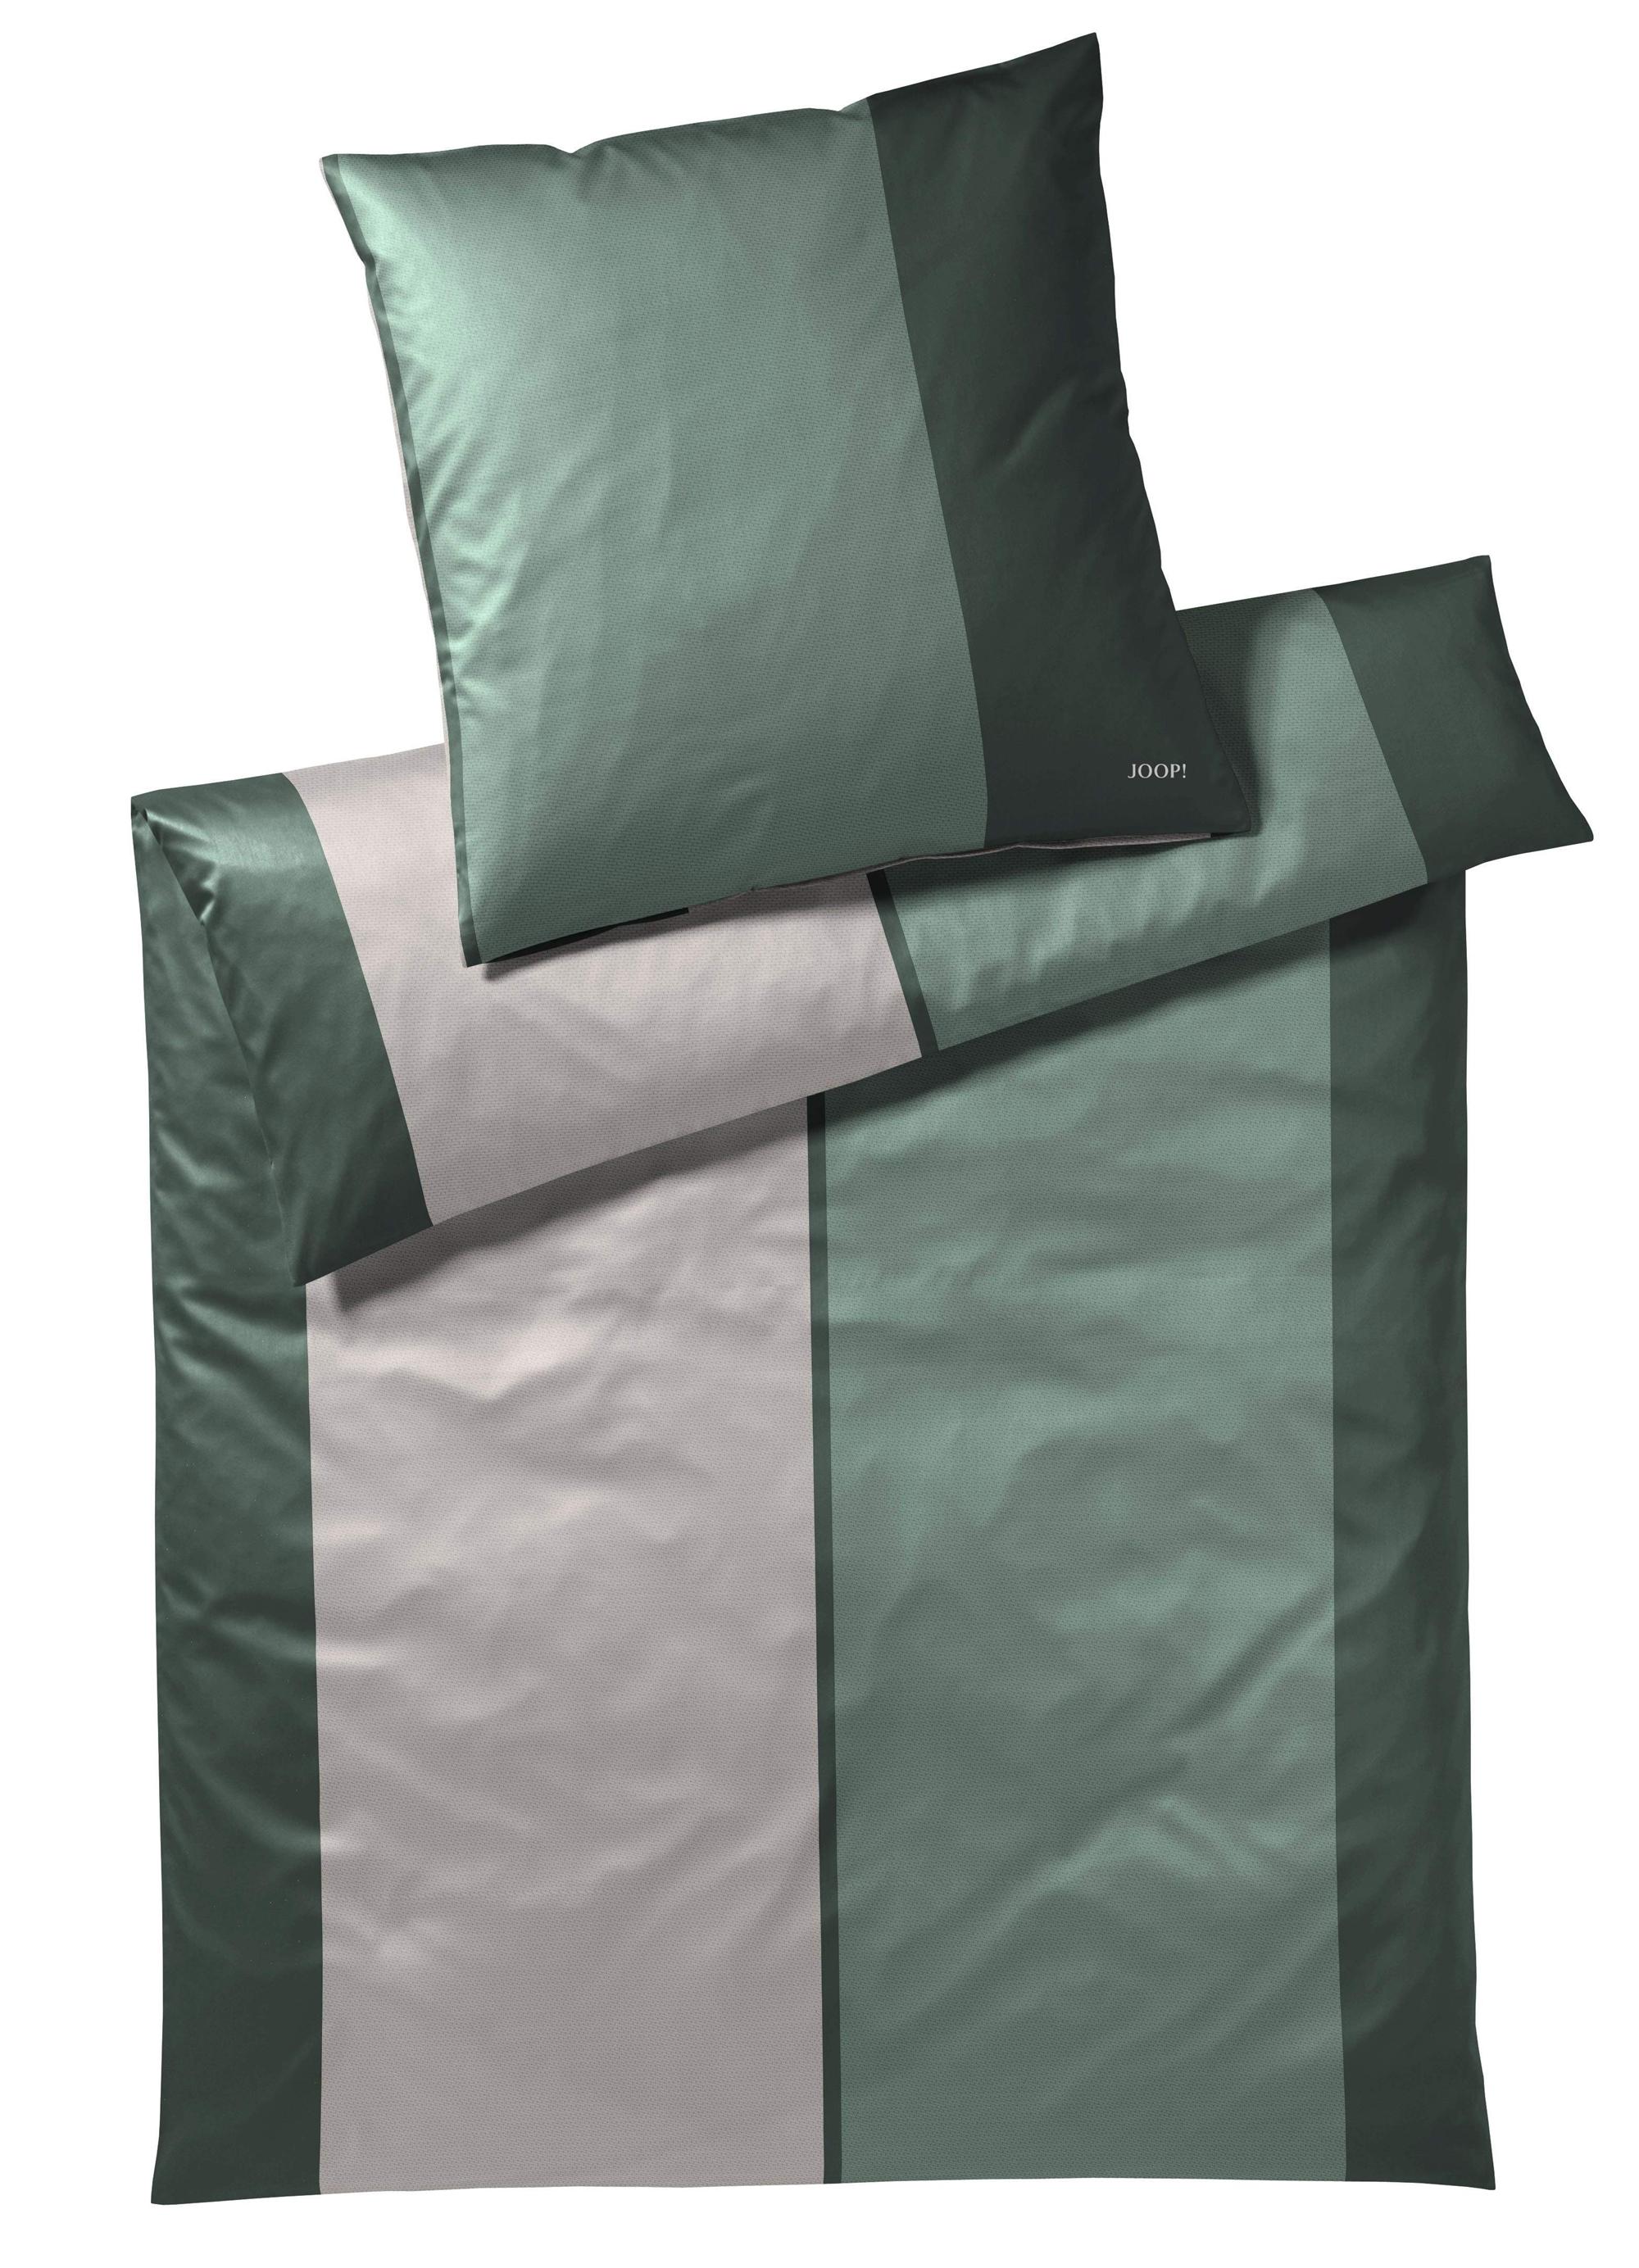 Storslåede Køb JOOP! Partition Forest sengetøj her. Sengesæt i grønne nuancer SY37